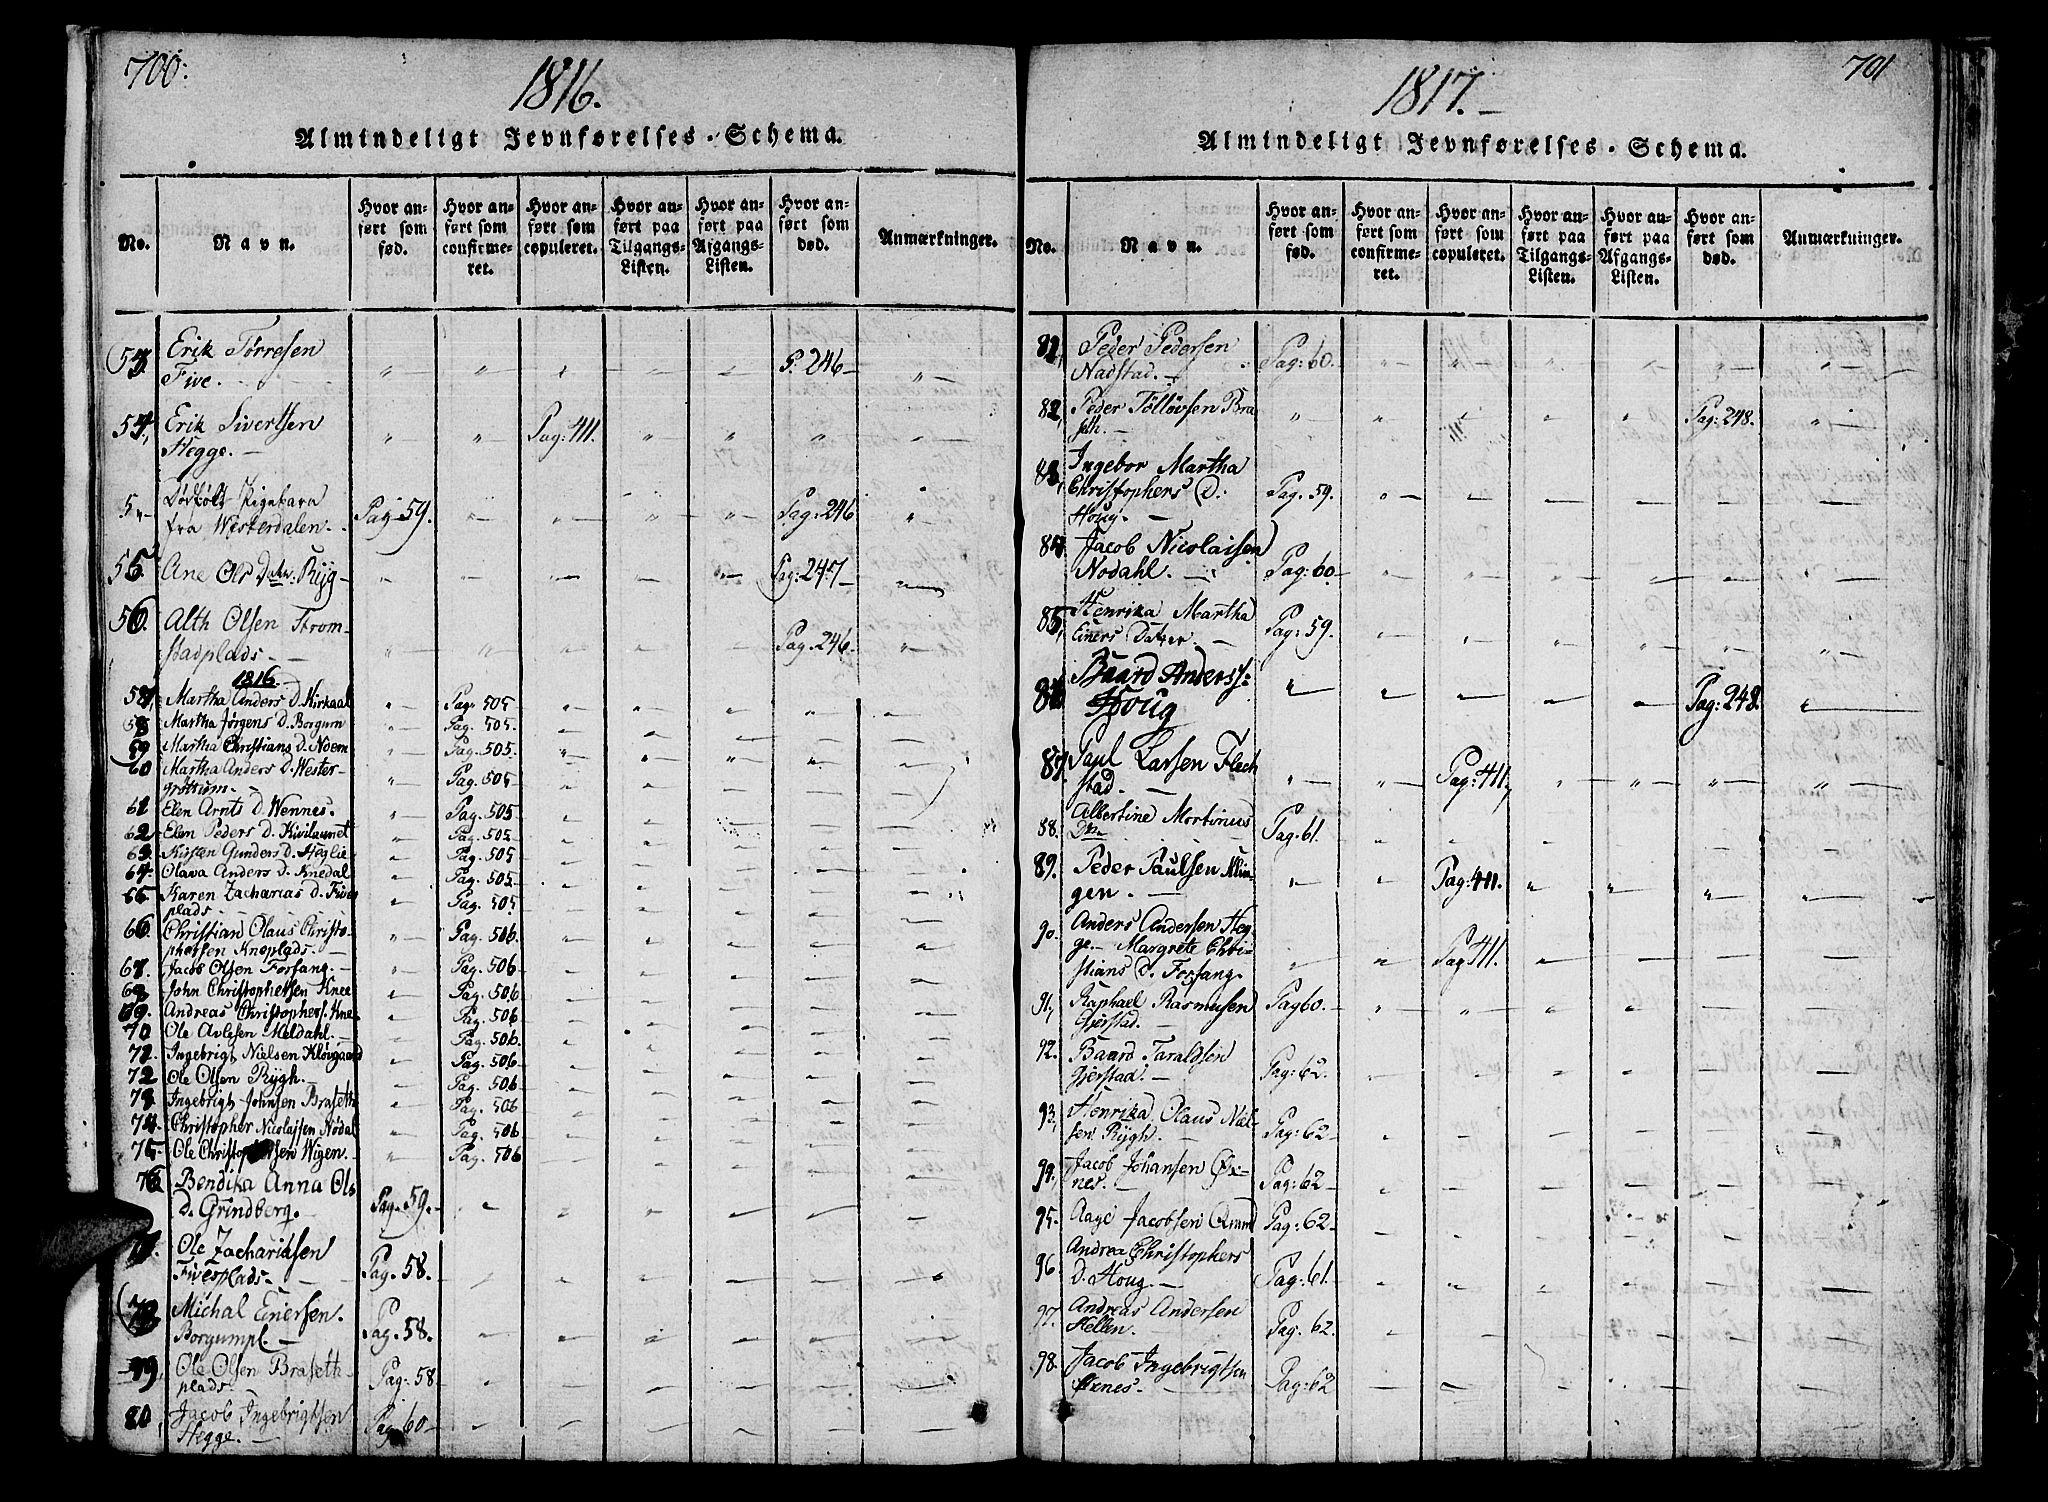 SAT, Ministerialprotokoller, klokkerbøker og fødselsregistre - Nord-Trøndelag, 746/L0441: Ministerialbok nr. 746A03 /2, 1816-1827, s. 700-701